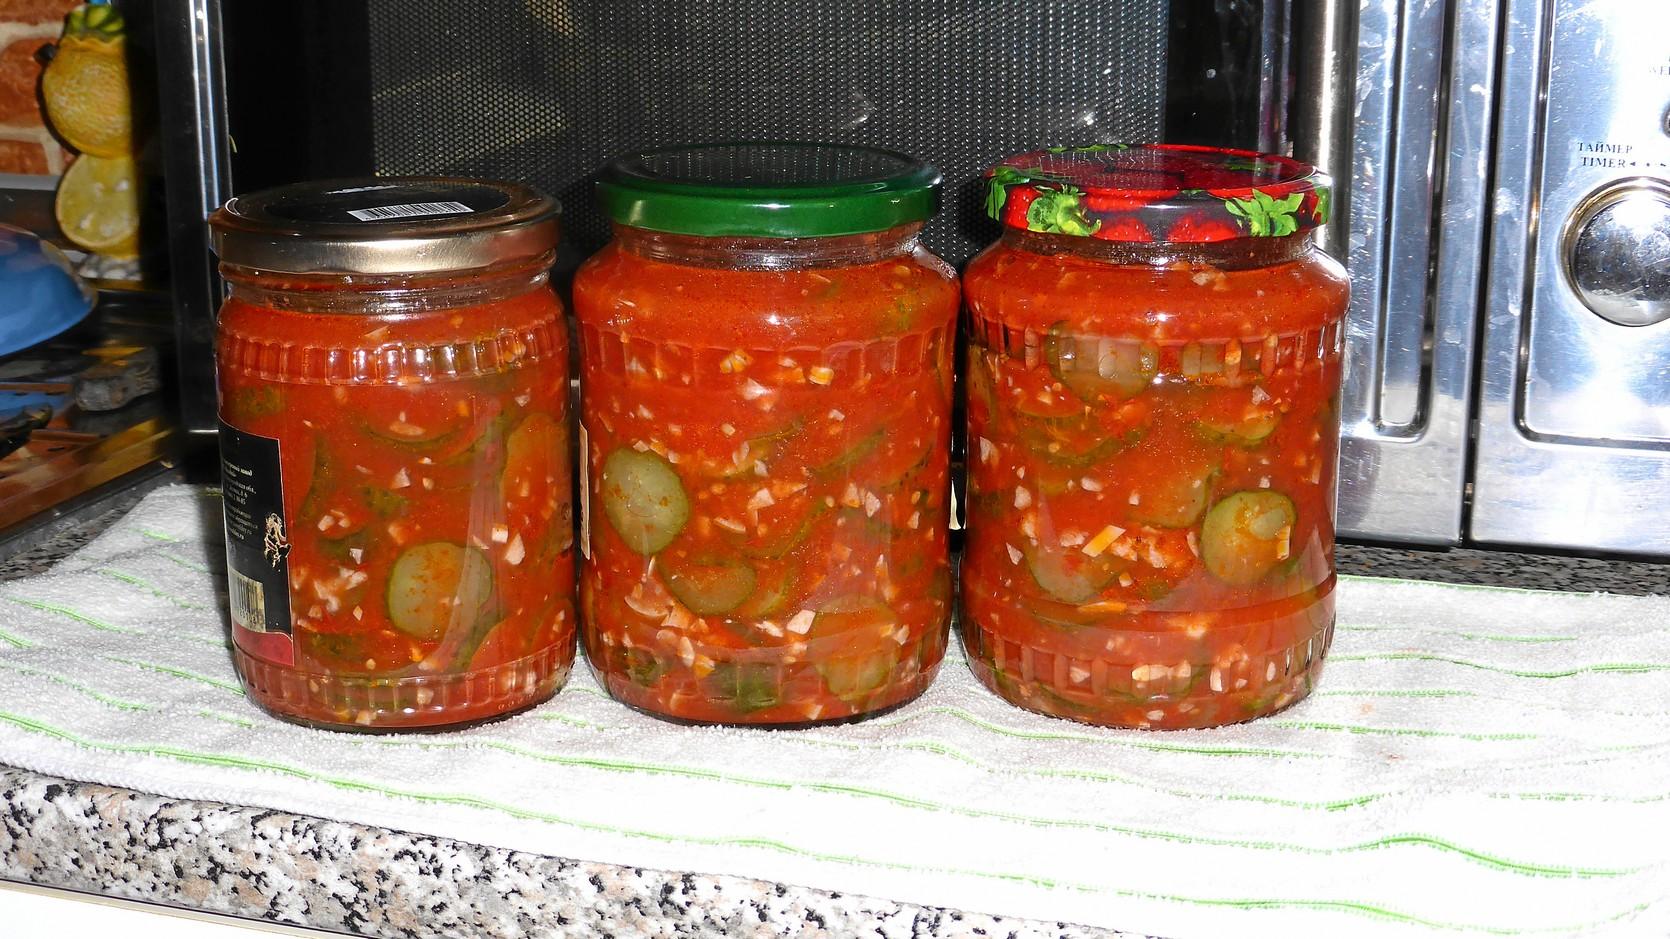 Одним из таких рецептов мы и воспользуемся, приготовив огурцы в томатной заливке на зиму.